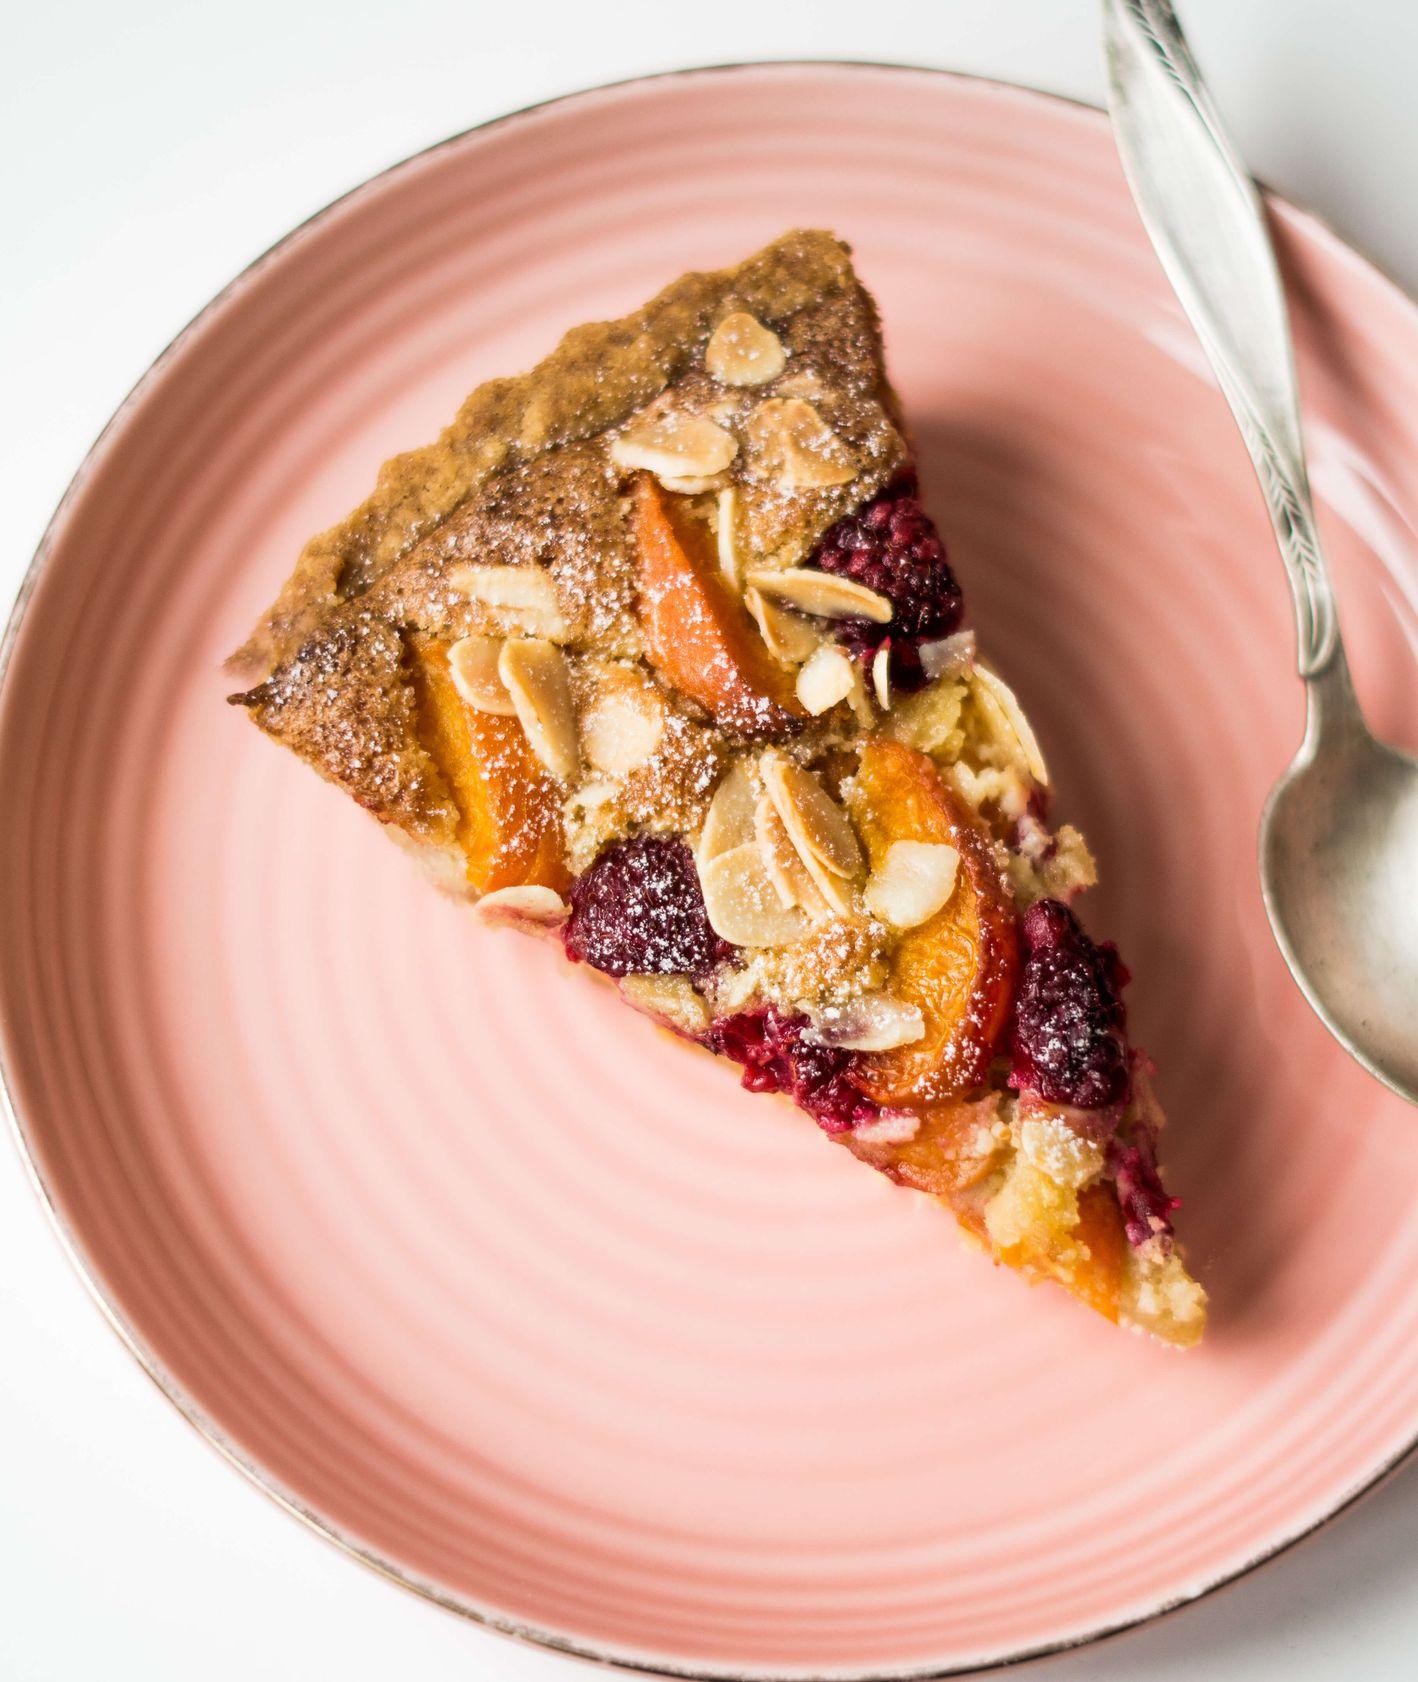 Sposób na łatwą tartę z kremem migdałowym i sezonowymi owocami - wiśniami, malinami, morelami - PRZEPIS